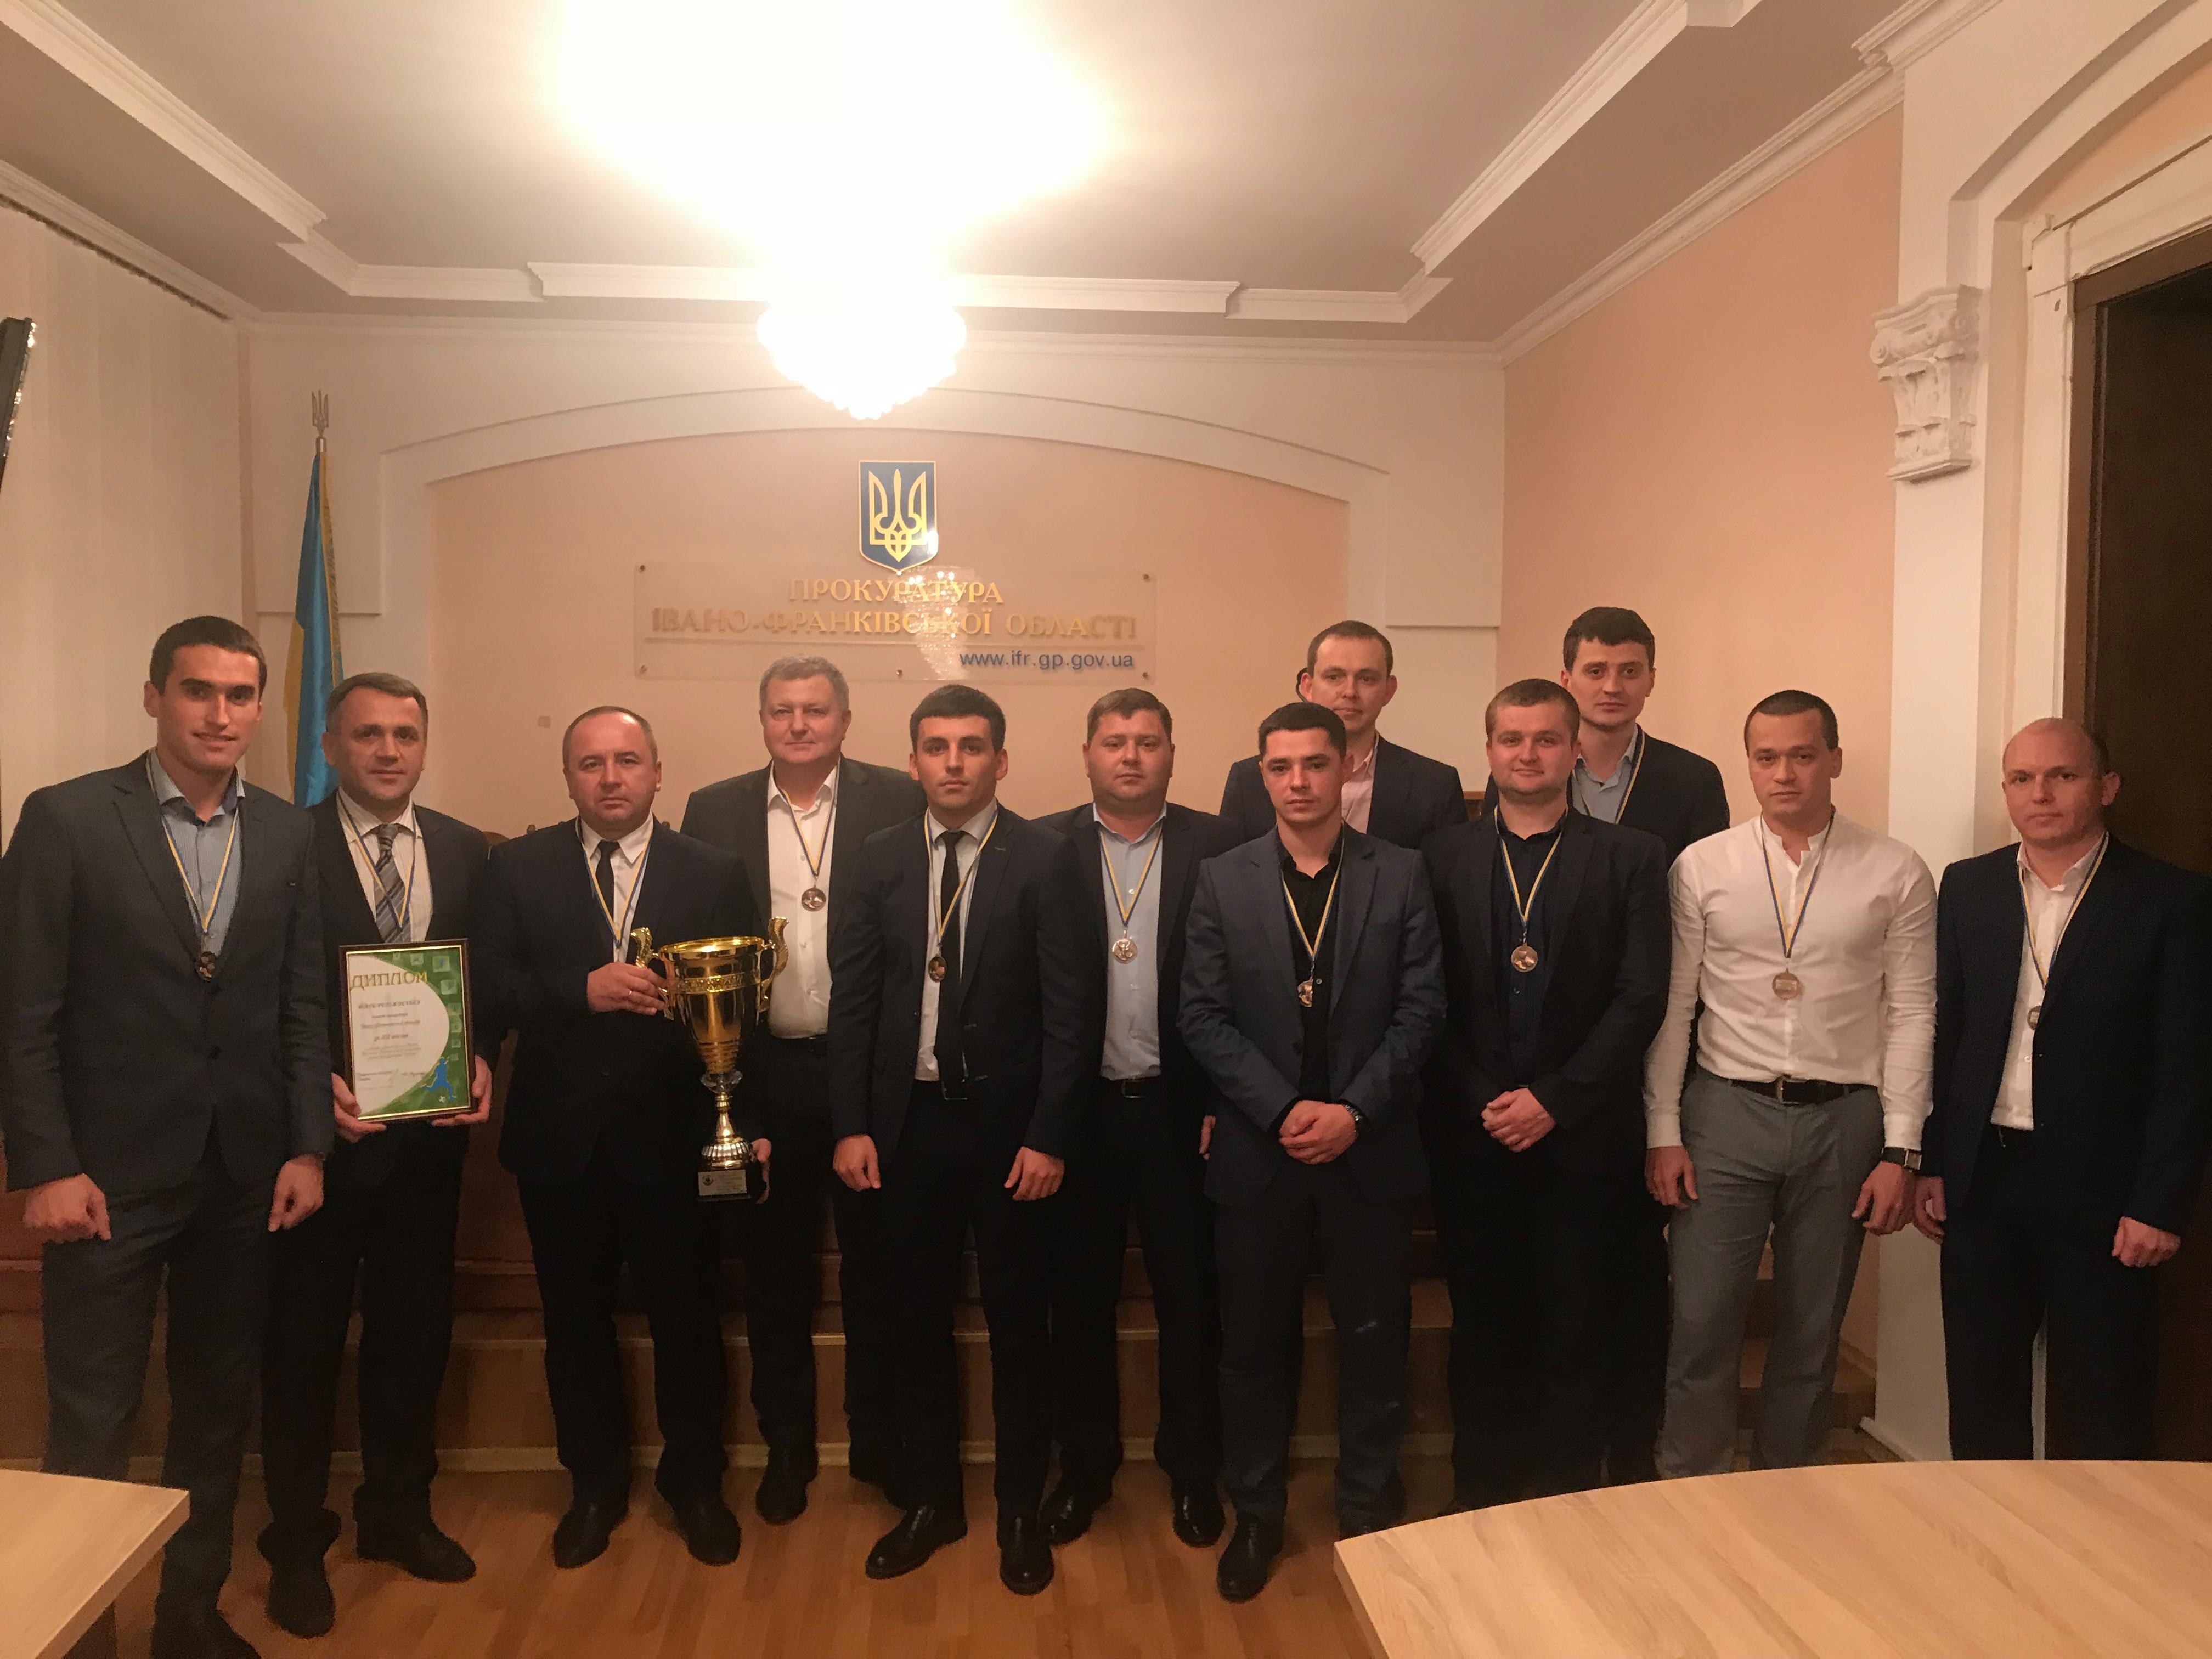 Команда прокуратури Івано-Франківської області здобула 3 місце у футбольному турнірі (фоторепортаж)